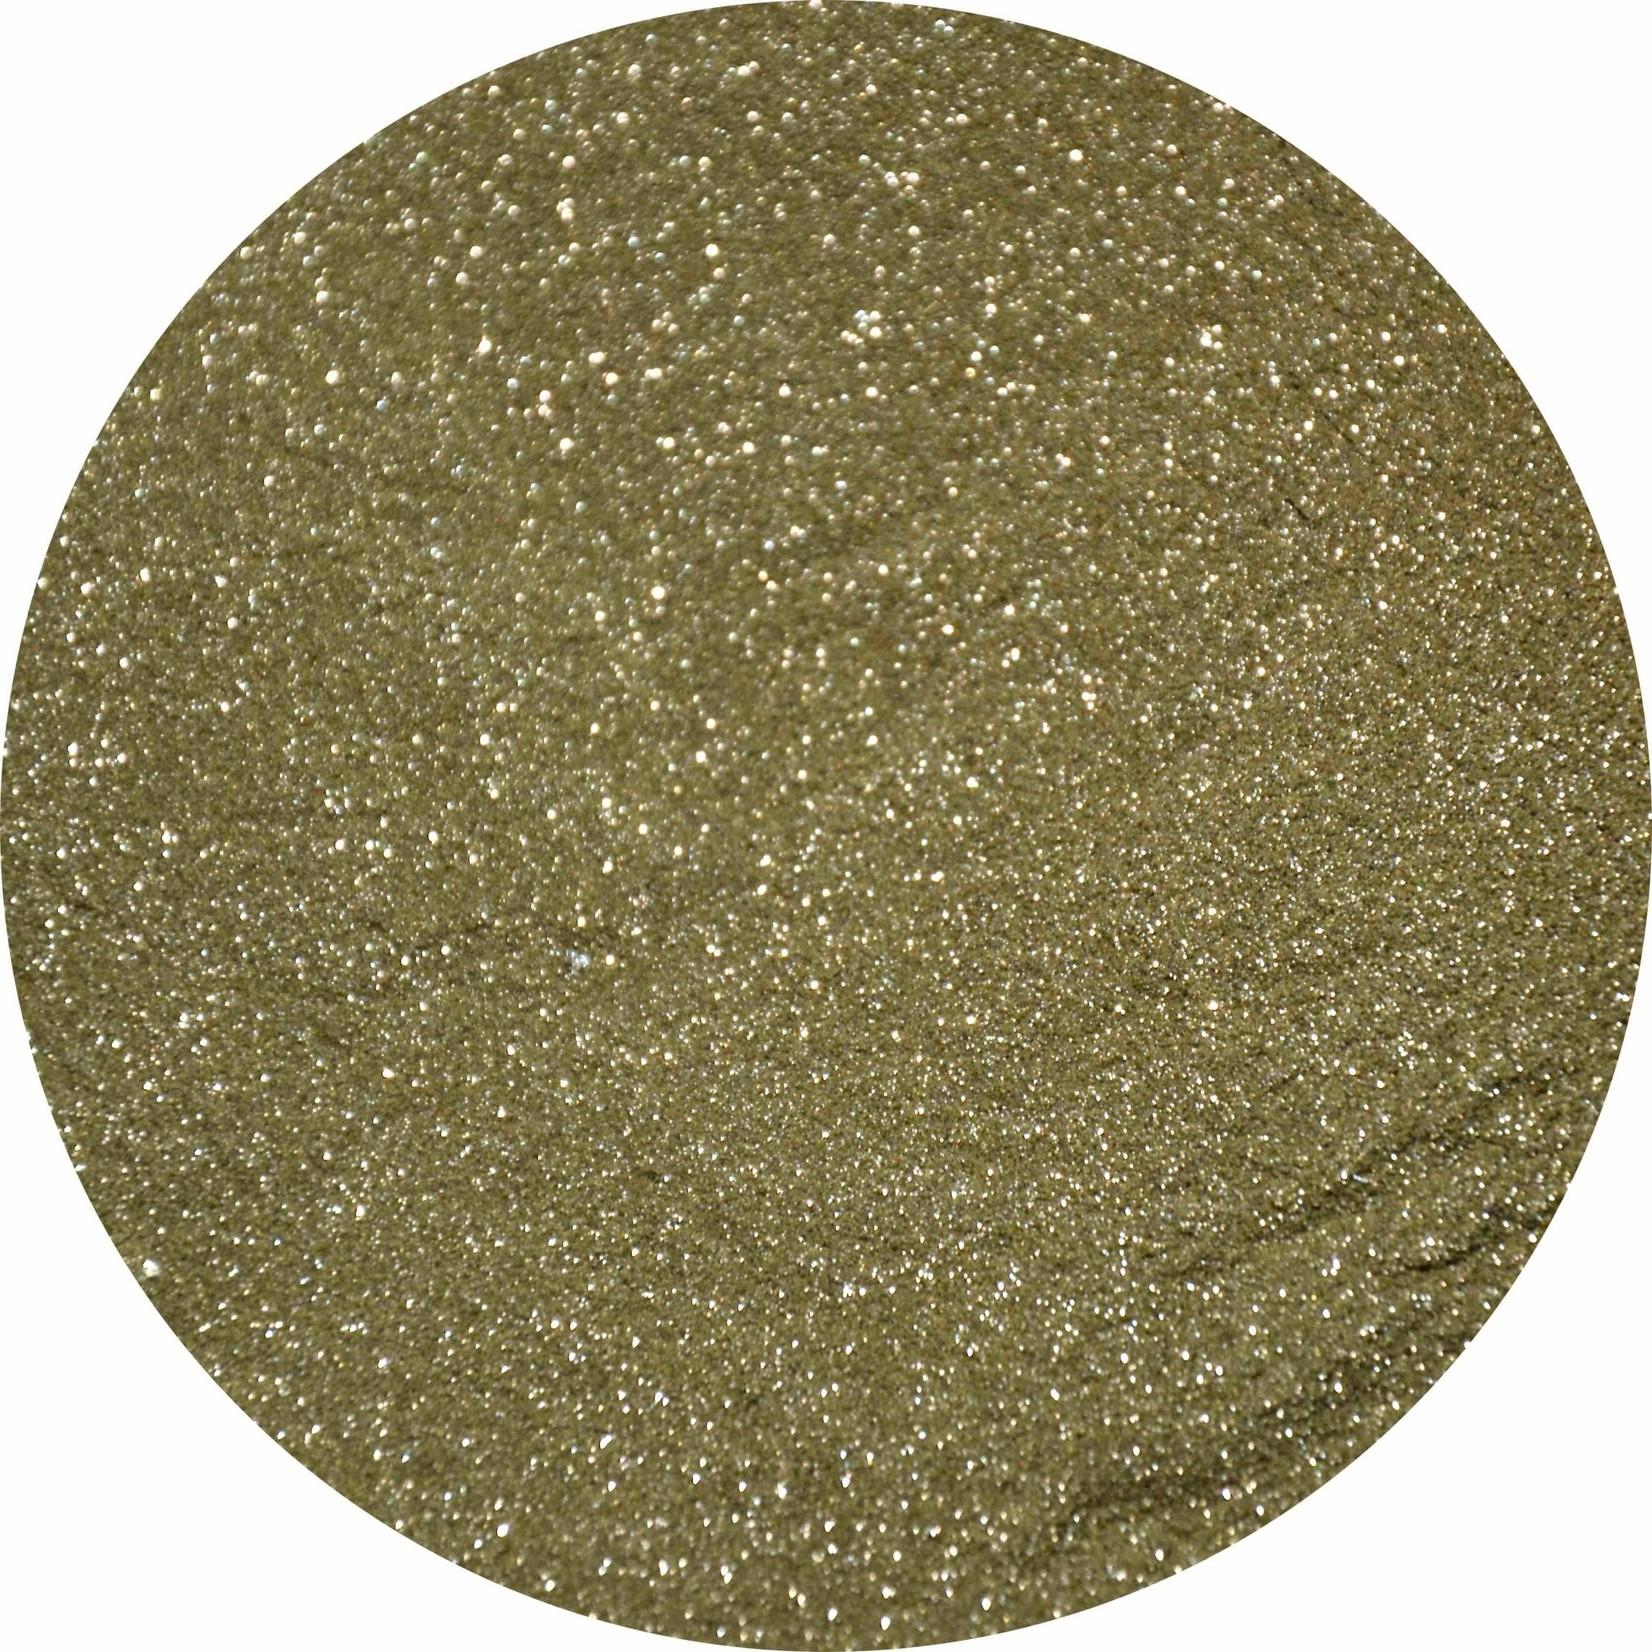 Urban Nails Glitter Dust 49